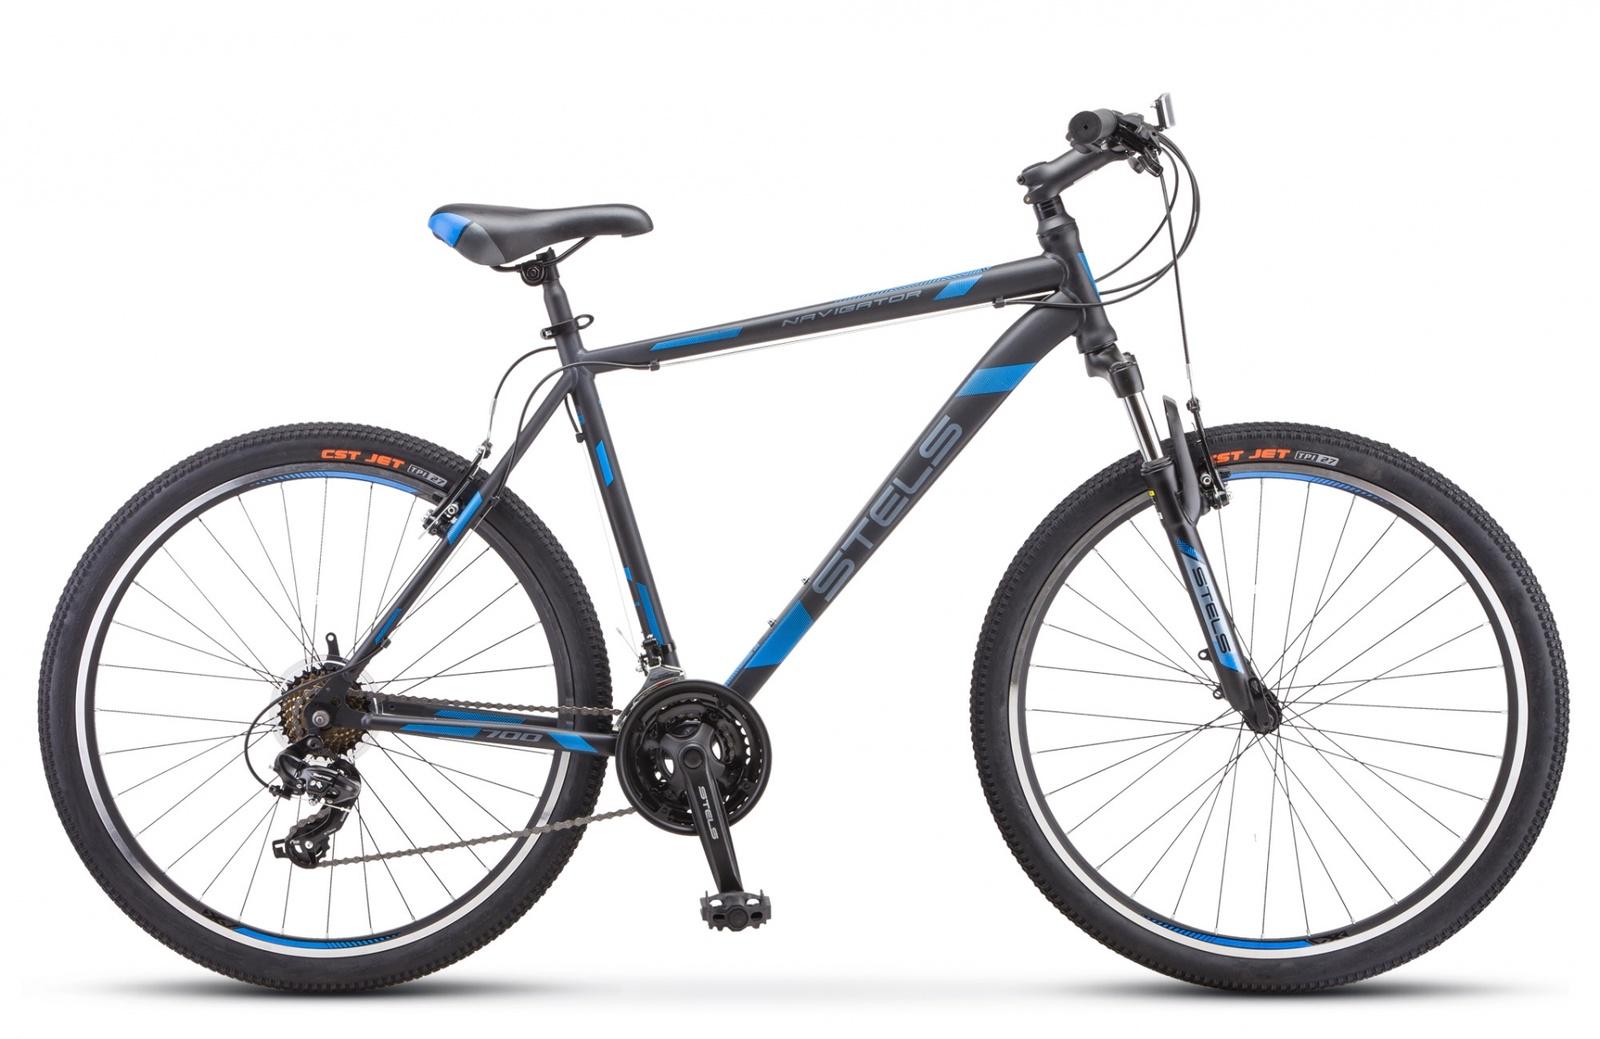 Велосипед Navigator 700 V 27.5 V020 (2019), рама 21 дюйм